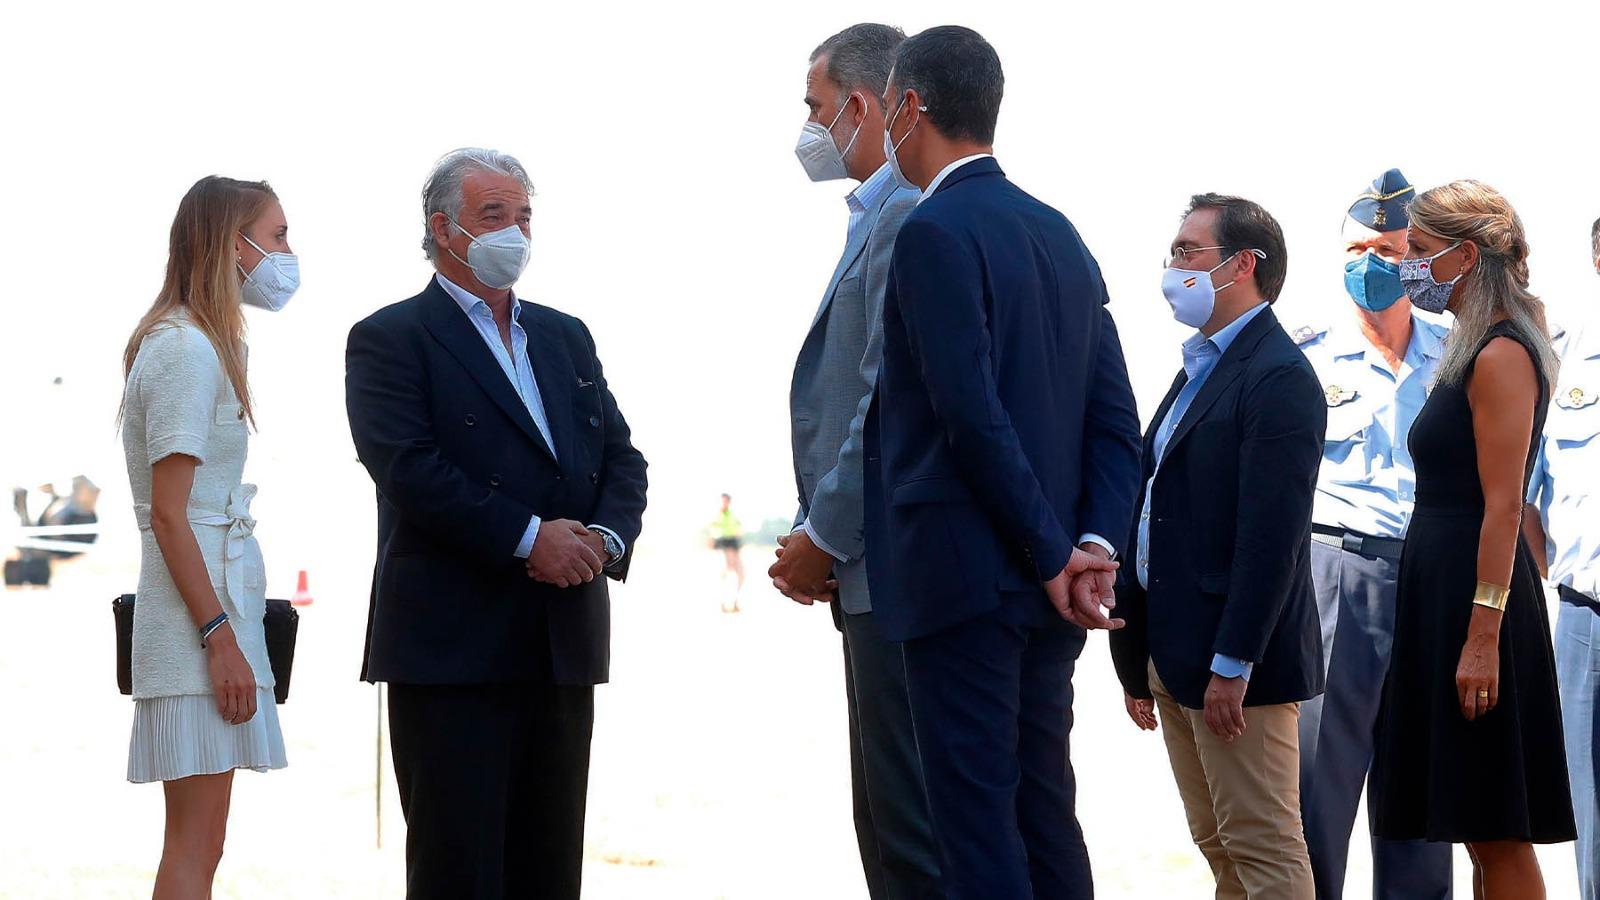 El Rey Felipe VI, junto a Sánchez, departe con el embajador Gabriel Ferrán y su número 2, Paula Sánchez. Imagen: Paco Toledo